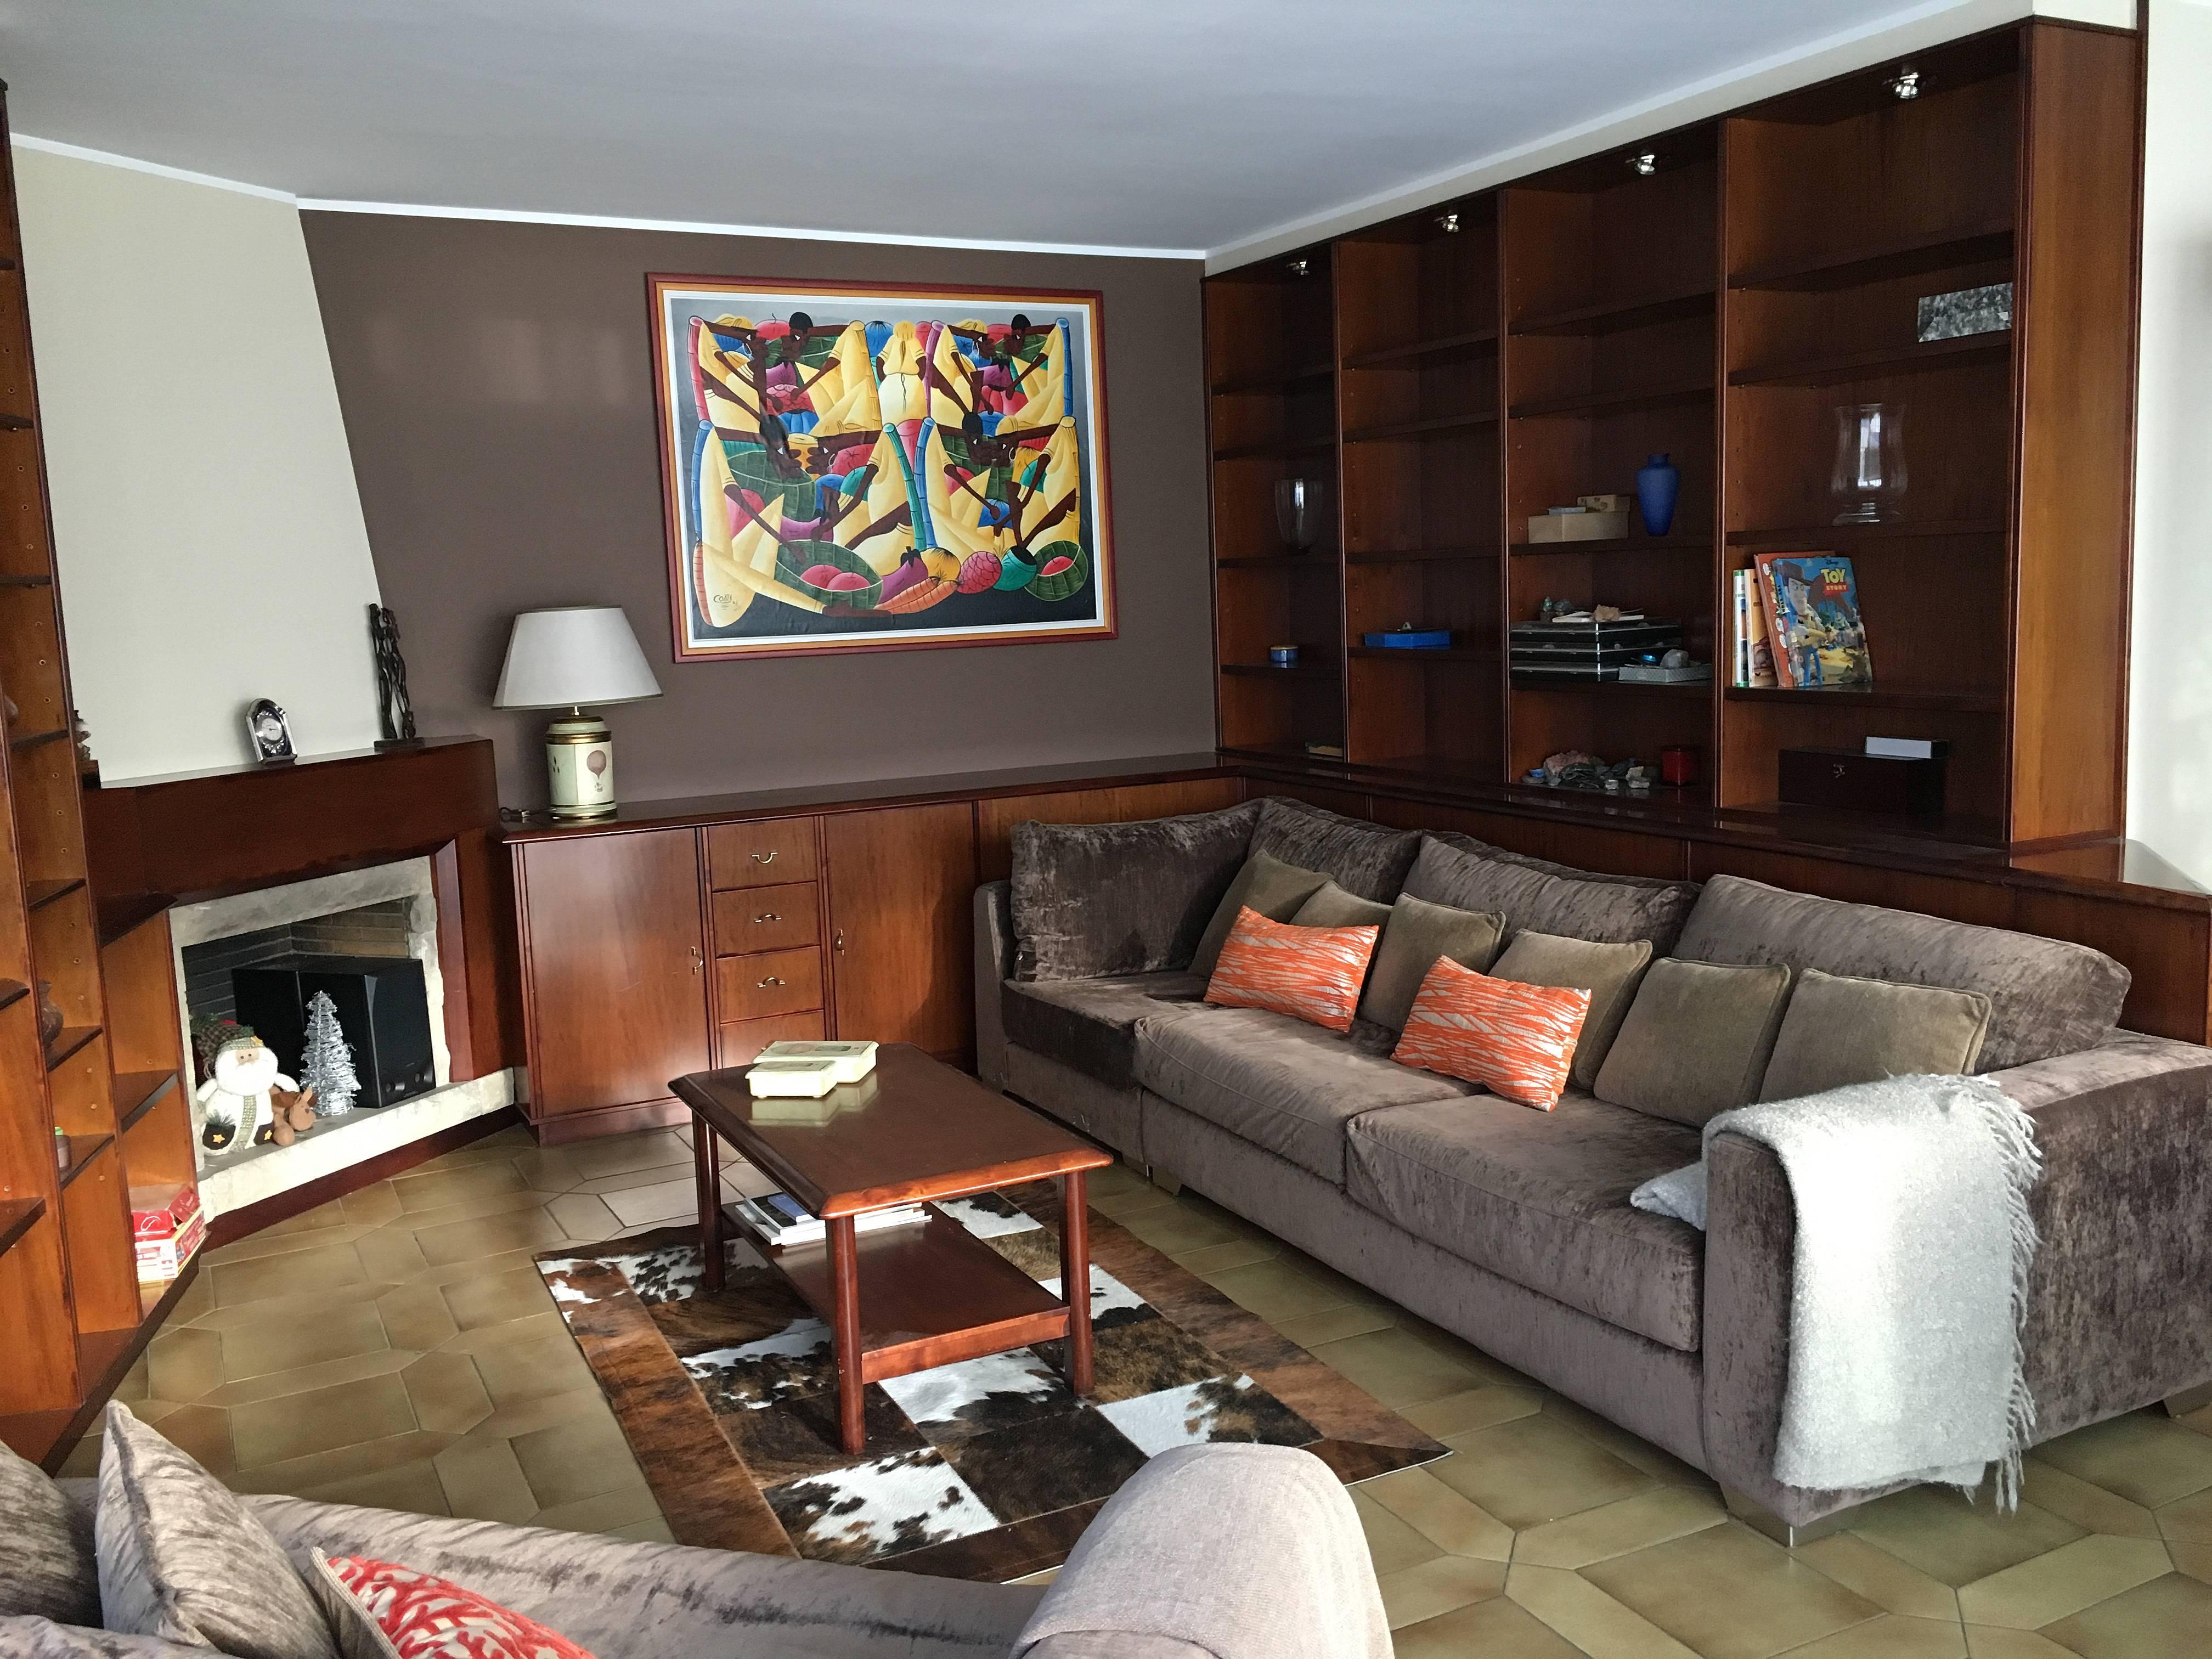 Apartamento l 39 ila andorra la vella andorra la vieja andorra valle de madriu perafita claror - Andorra la vella apartamentos ...